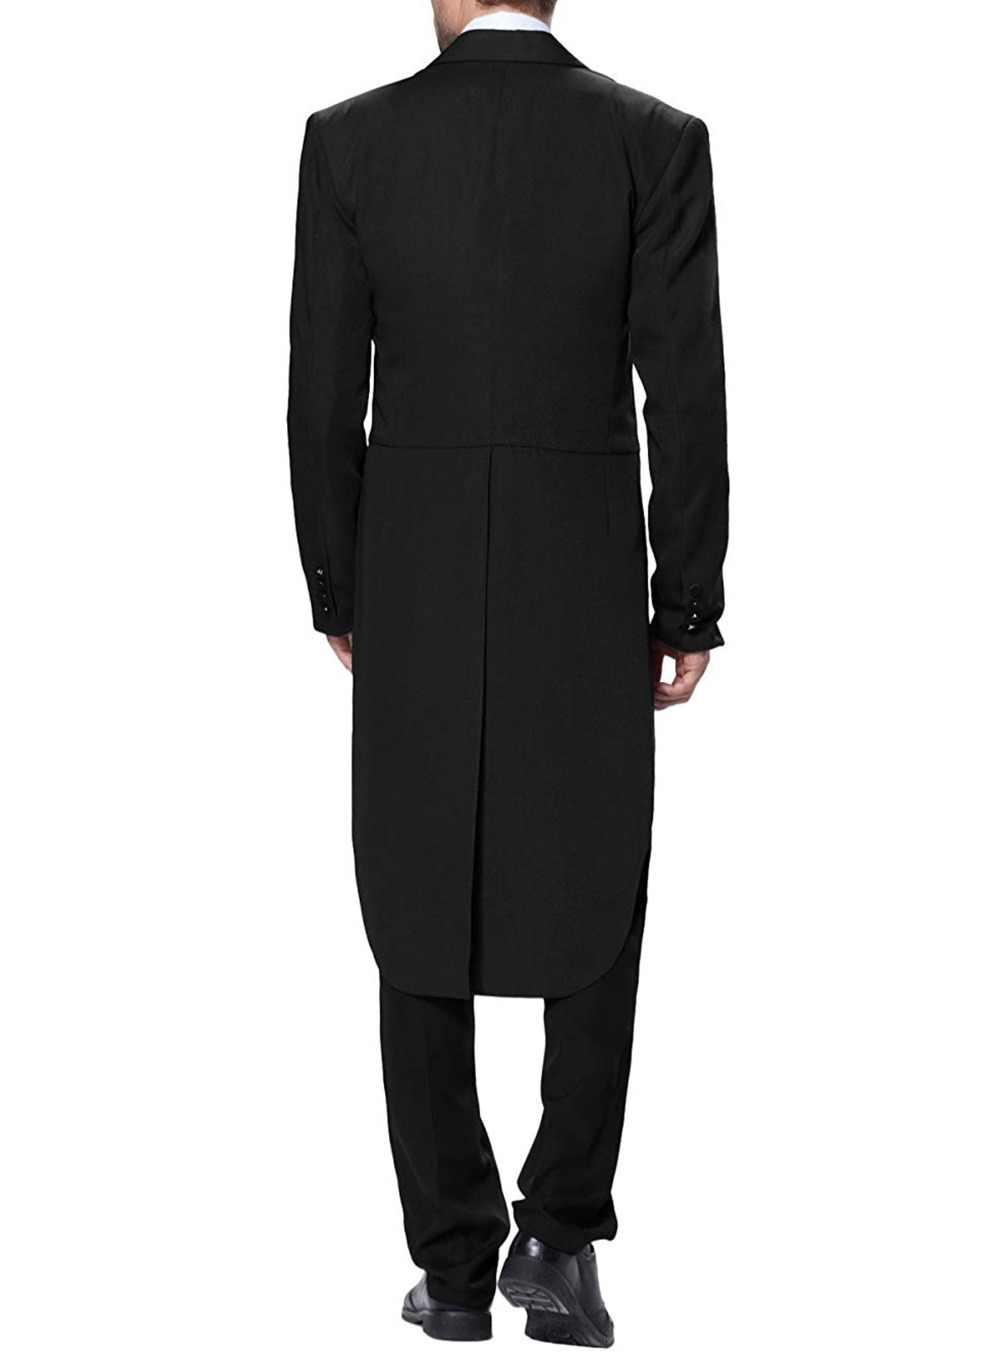 男性のホワイトハウススチュワードドレスレジャータキシード 3 ピースのスーツビジネスブレザージャケットベスト & パンツ